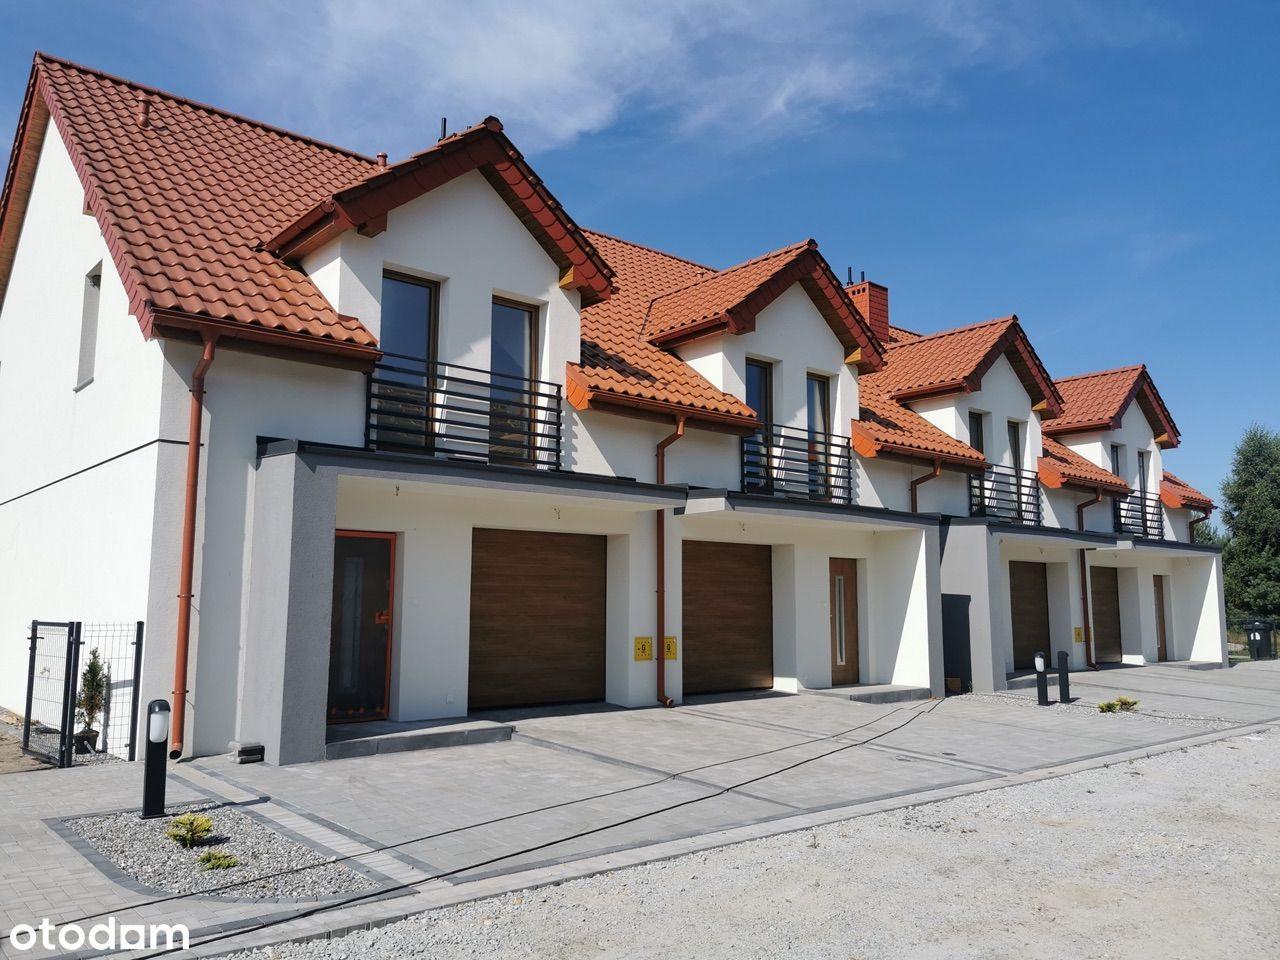 Narożny dom w zabudowie szereg, kameralne osiedle